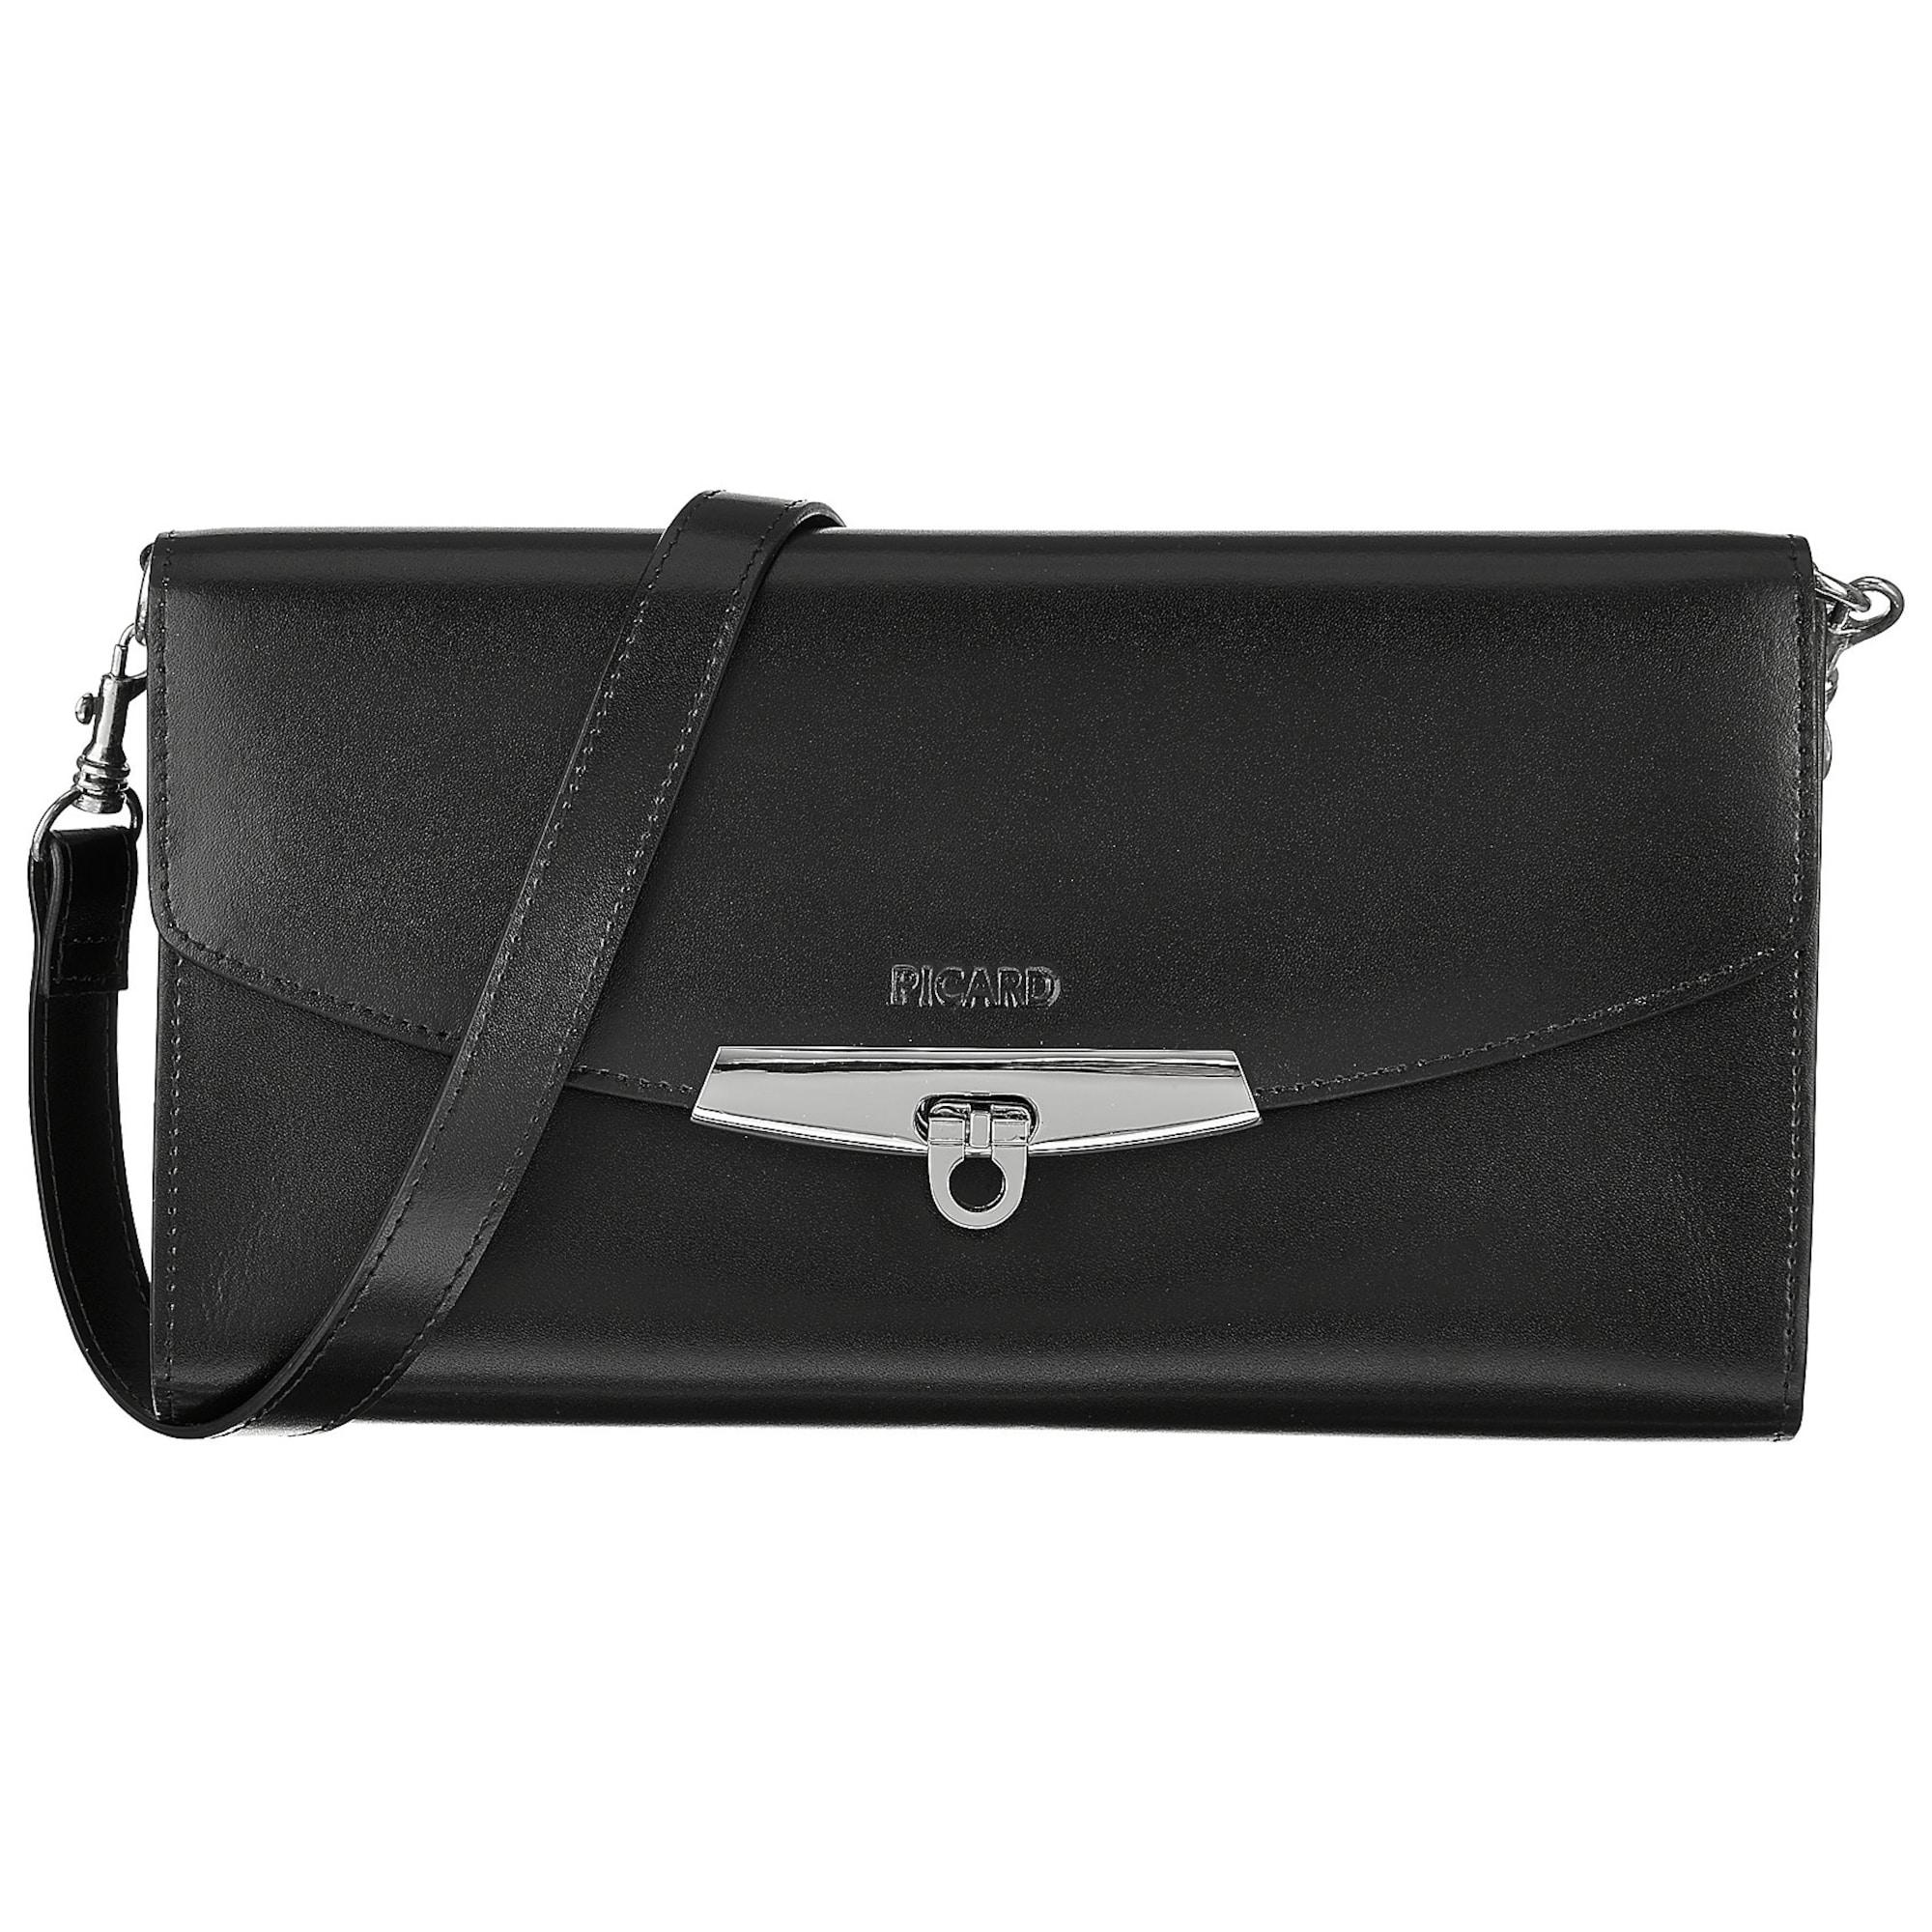 Dolce Vita Clutch & Abendtasche | Taschen > Handtaschen > Abendtaschen | Schwarz | Picard